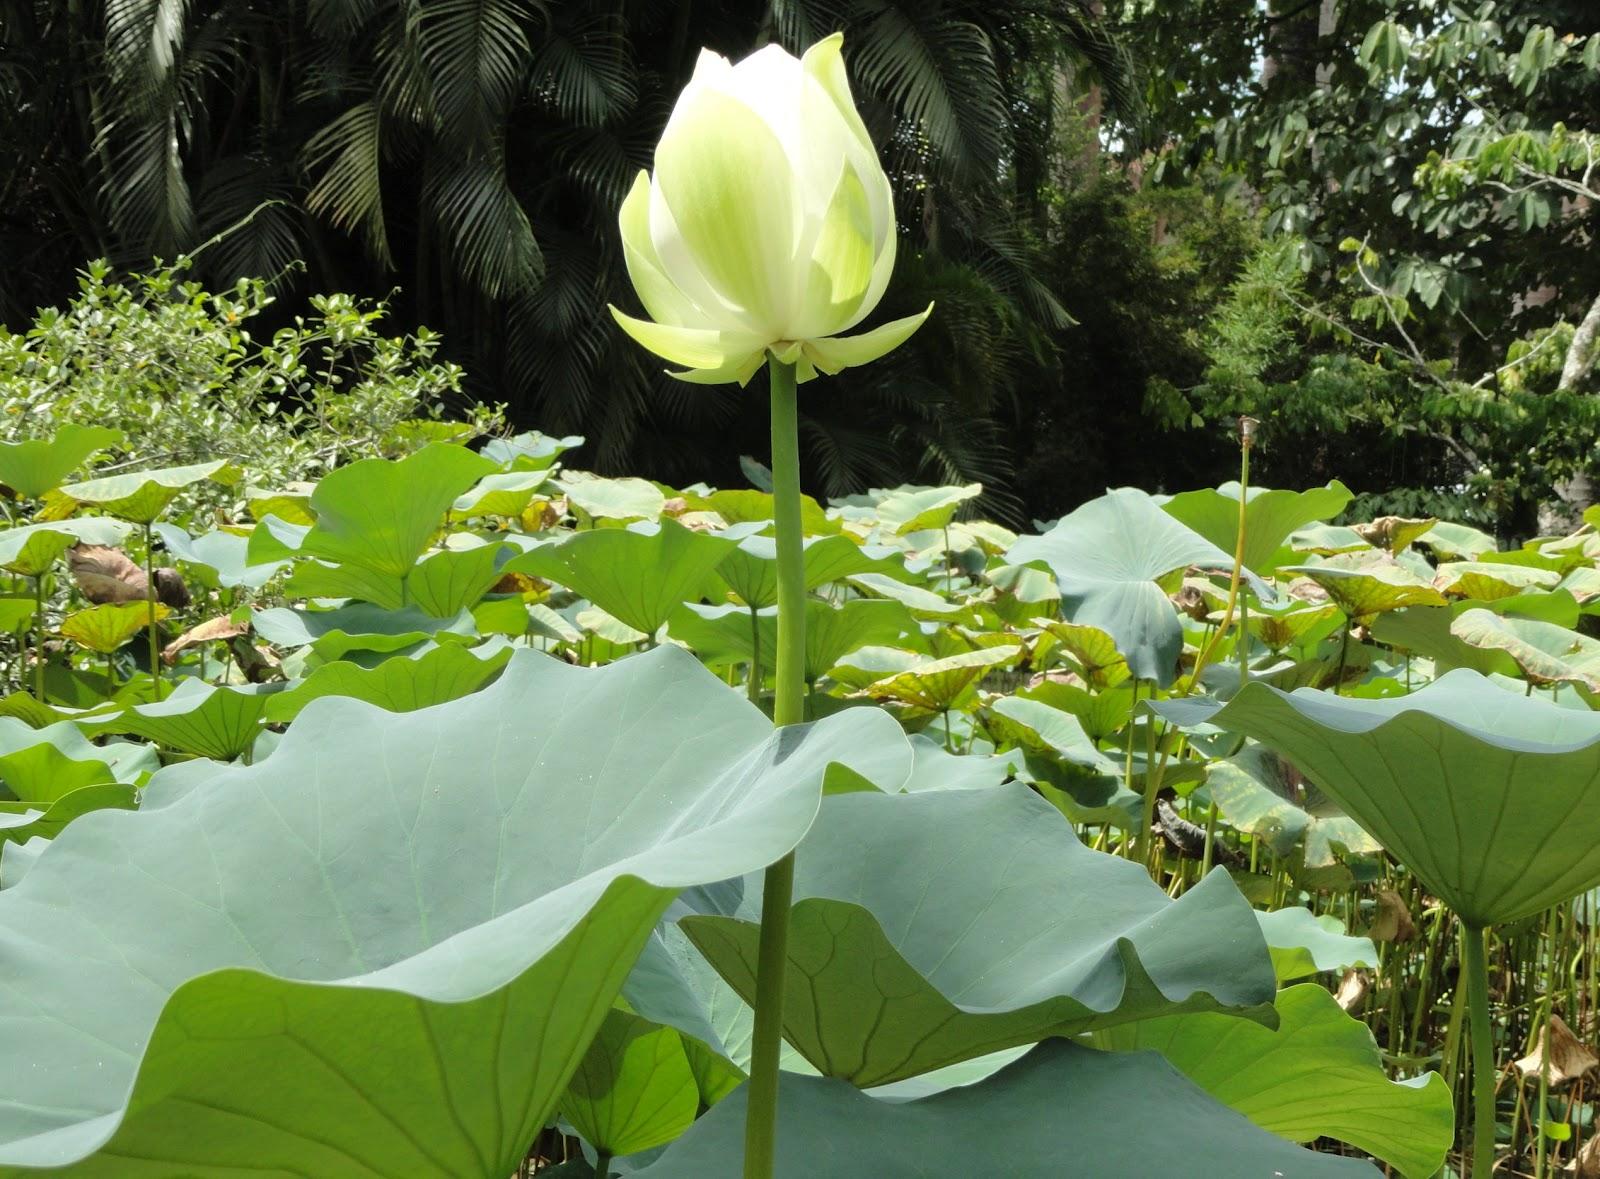 flores para jardim verao:Jardim Botânico e fiquei encantada com a beleza das flores